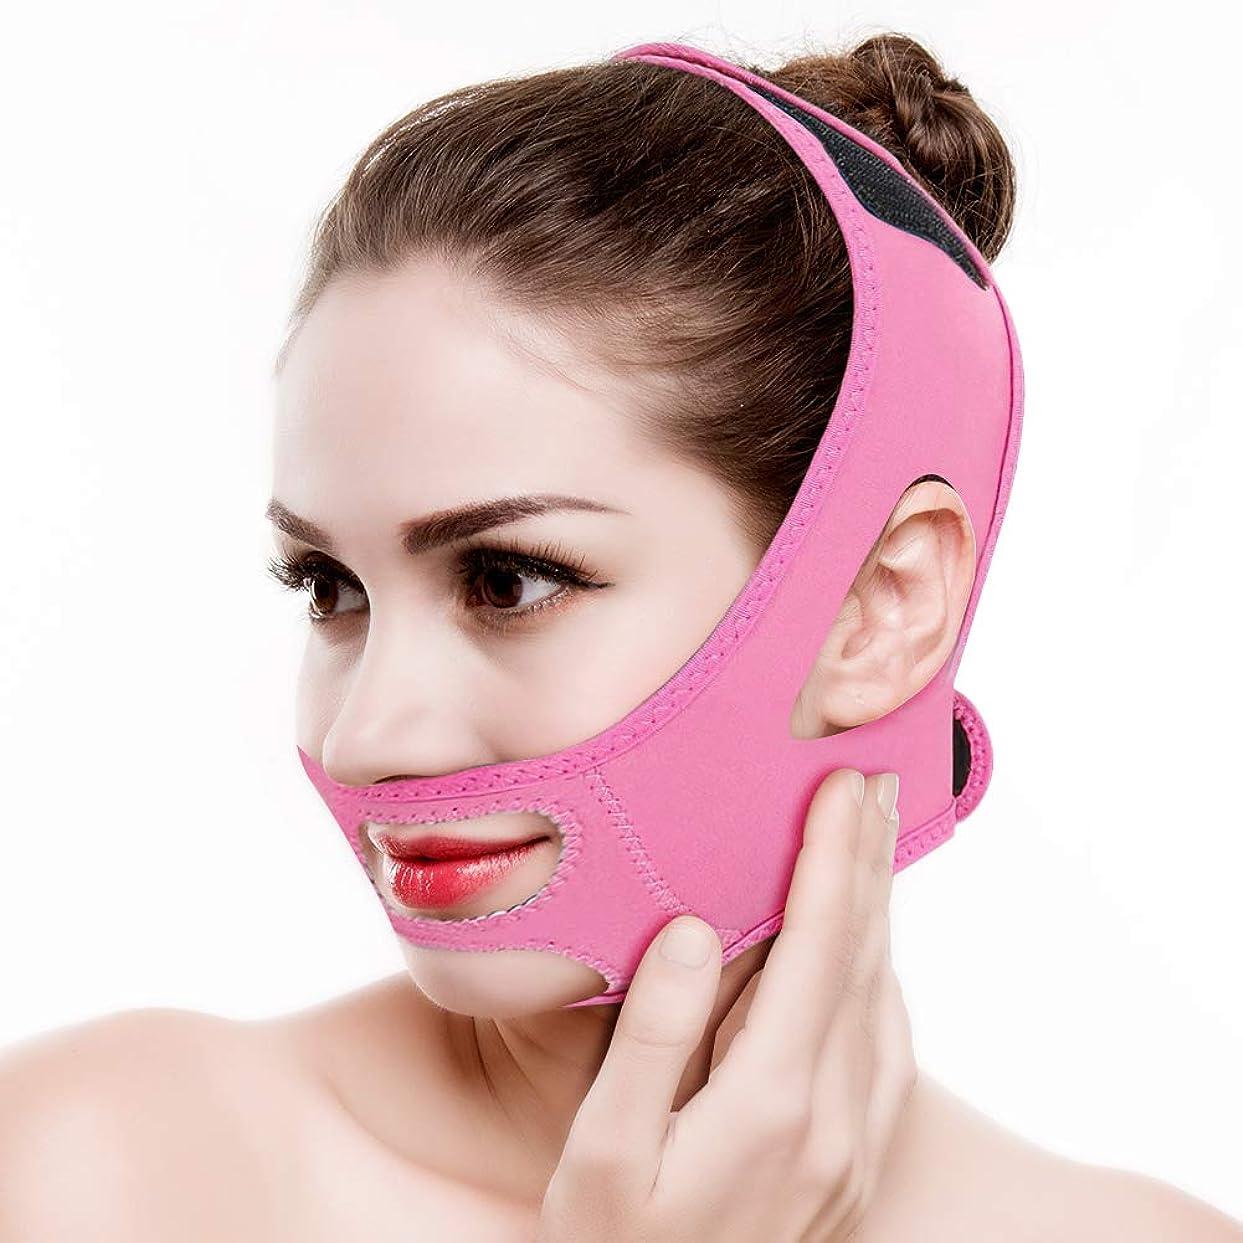 インストール発動機ソーセージフェイスリフティングベルト,顔の痩身包帯フェイシャルスリミング包帯ベルトマスクフェイスリフトダブルチンスキンストラップフェイススリミング包帯小 顔 美顔 矯正、顎リフト フェイススリミングマスク (Pink)